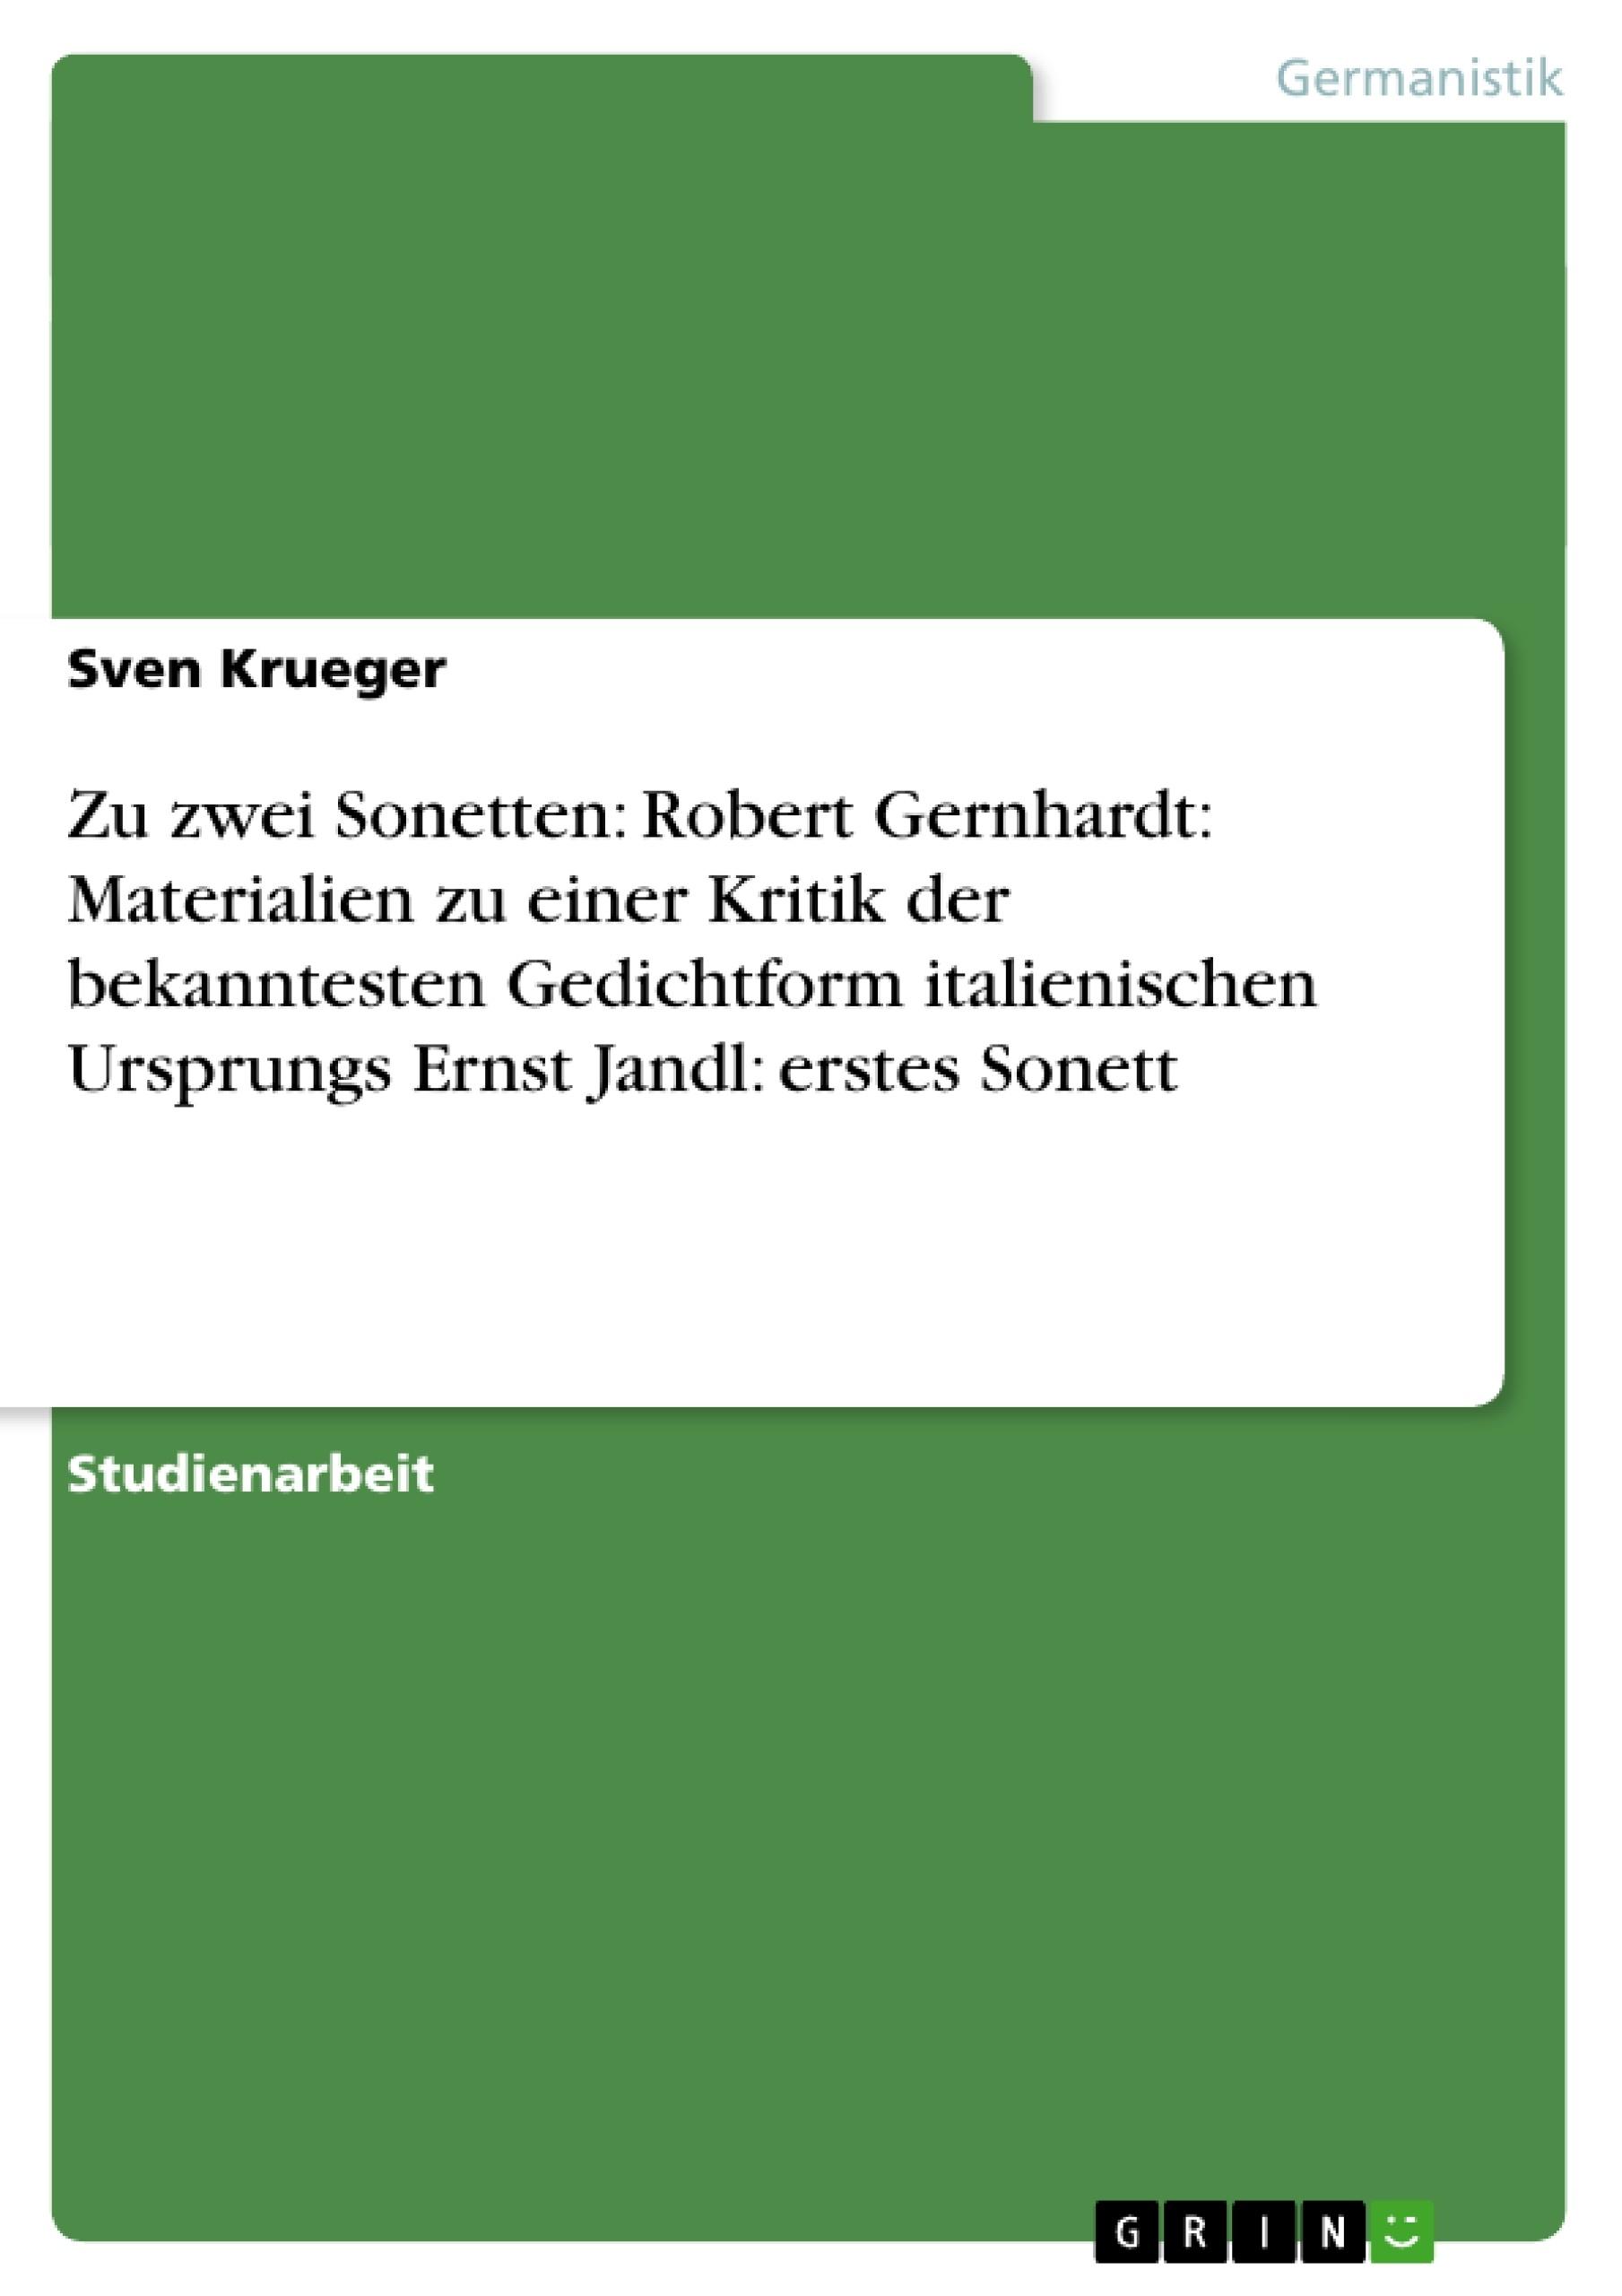 Titel: Zu zwei Sonetten: Robert Gernhardt: Materialien zu einer Kritik der bekanntesten Gedichtform italienischen Ursprungs Ernst Jandl: erstes Sonett